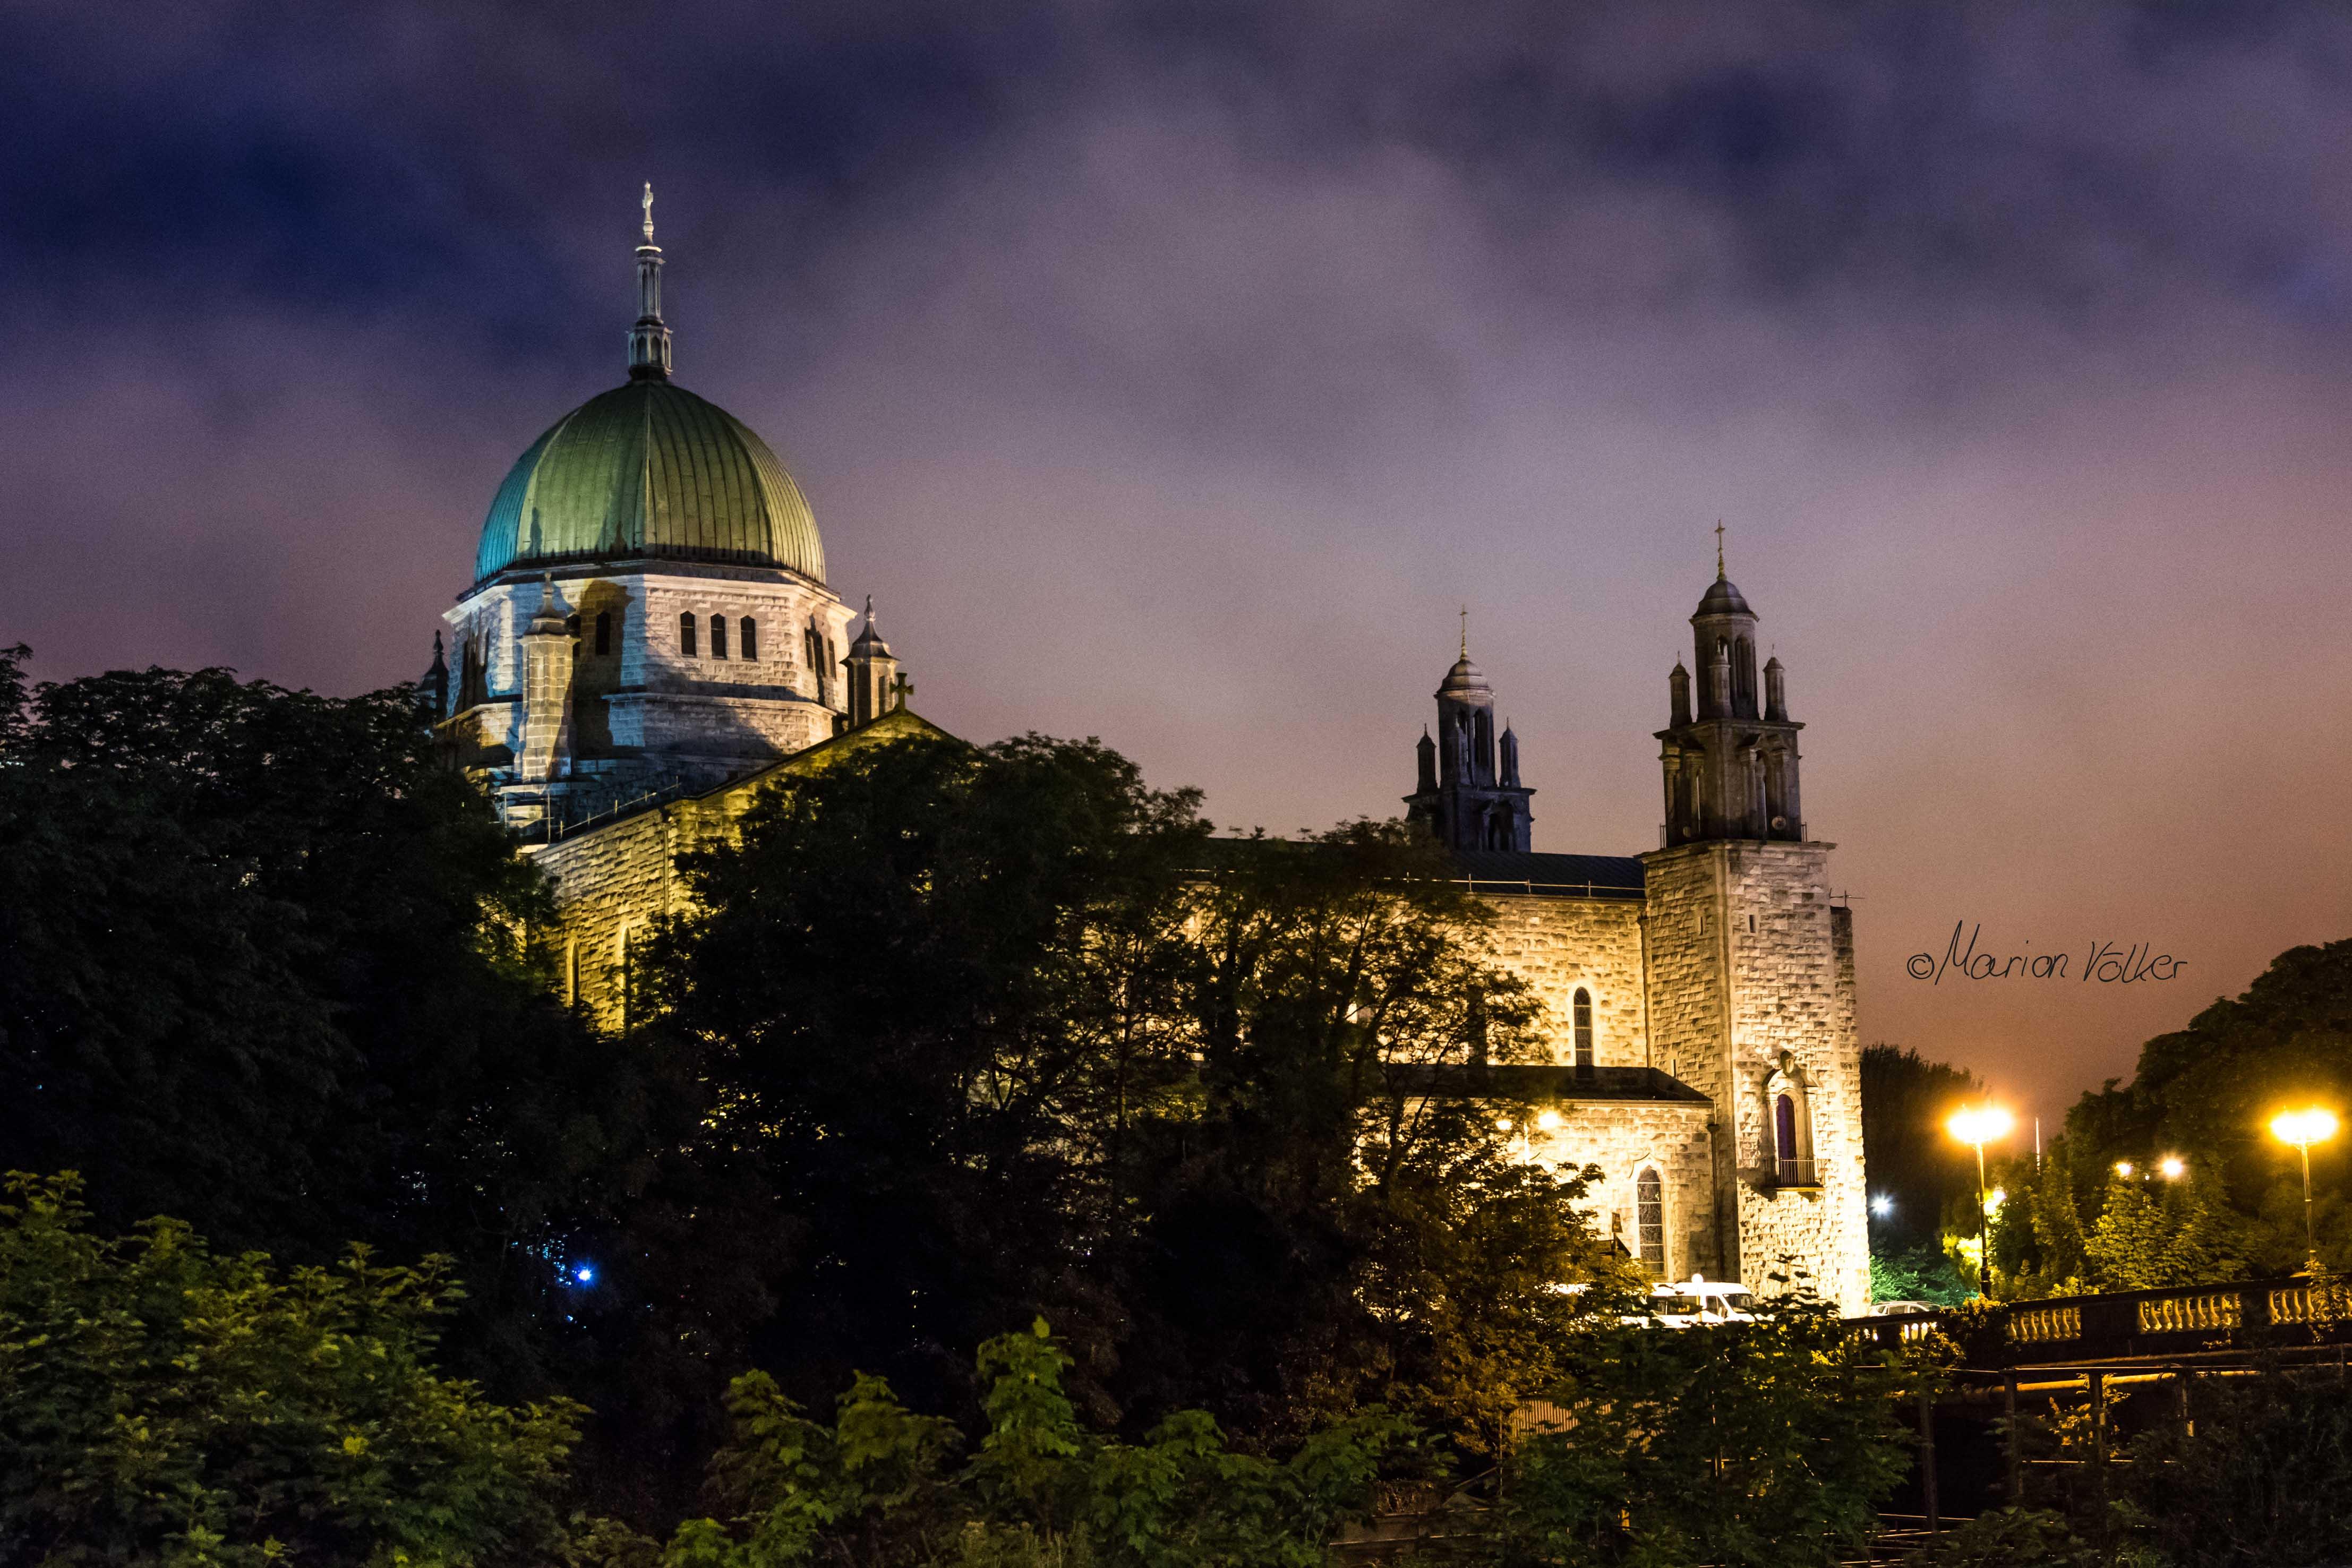 Bei Nacht sieht die Galway Cathedral besonders beeindruckend aus